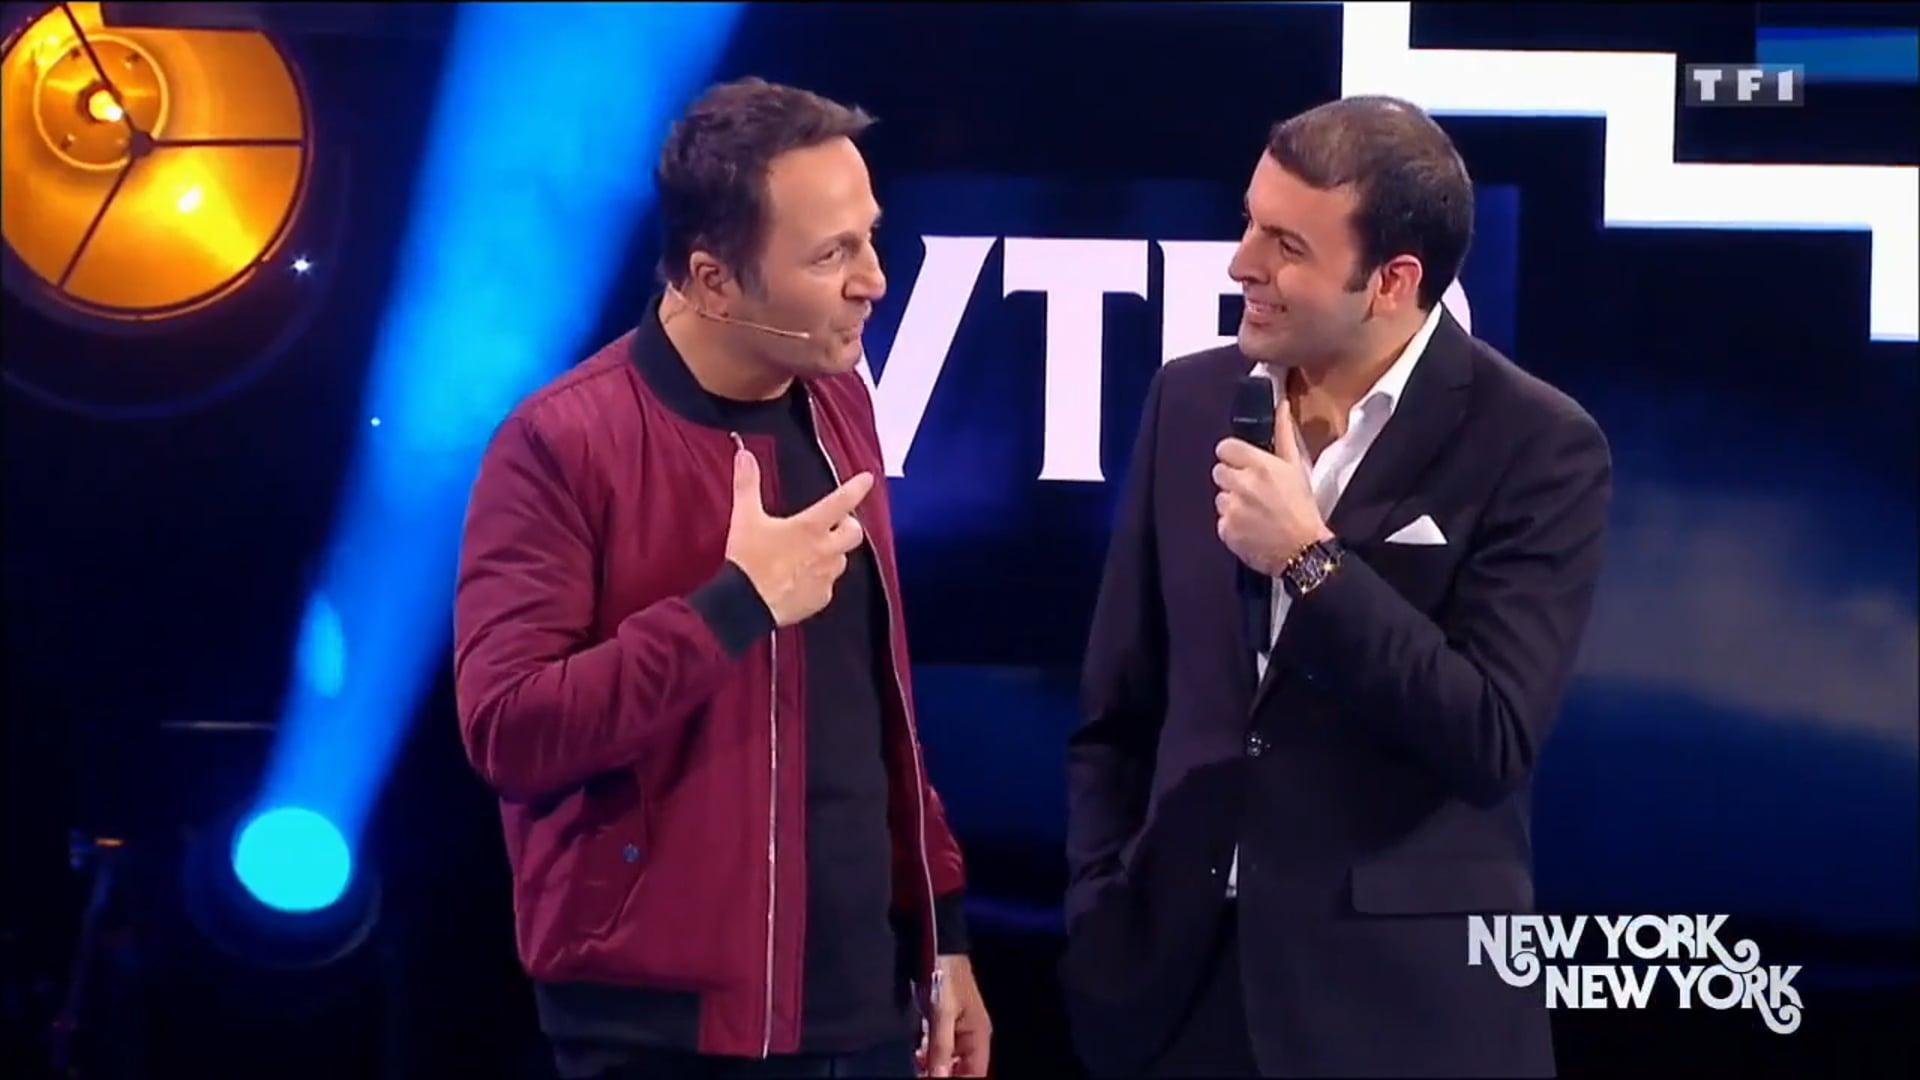 DAVID SERERO dans VENDREDI TOUT EST PERMIS sur TF1 - Special NEW YORK